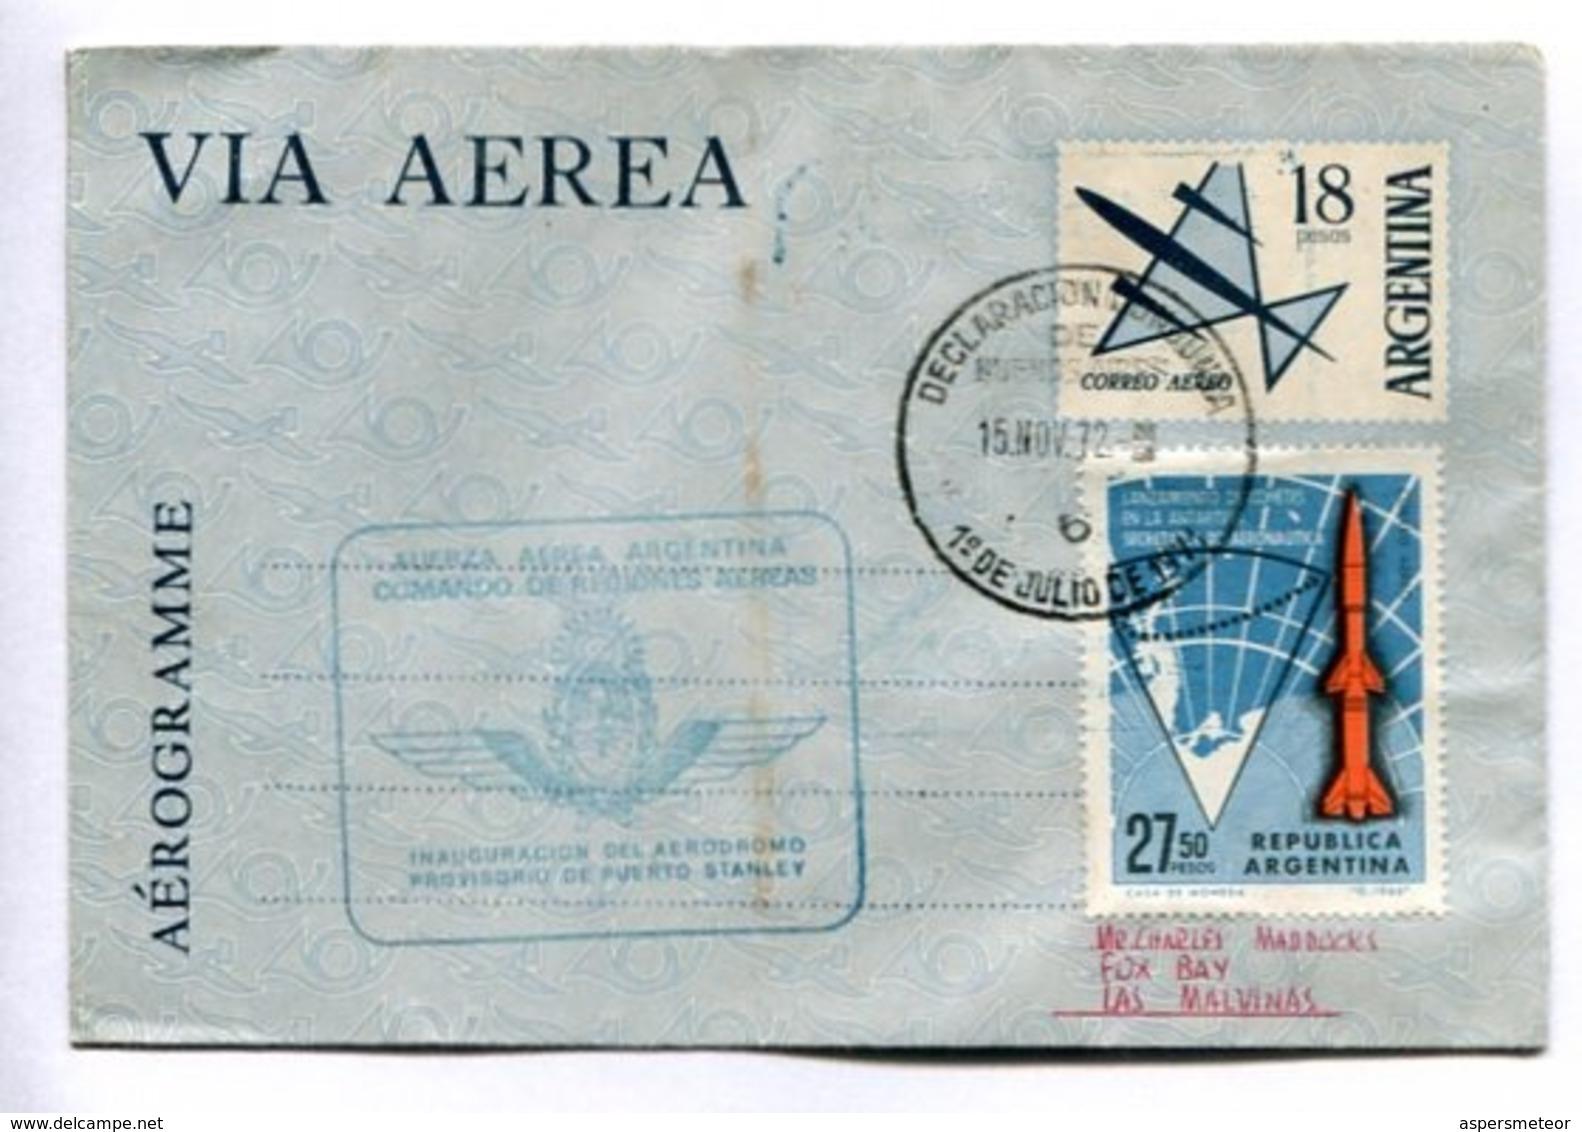 AEROGRAMME -  INAGURACION DEL AERÓDROMO PROVISORIO DE PUERTO STANLEY, AÑO 1972. ENVELOPE CIRCULATED -LILHU - Vols Polaires